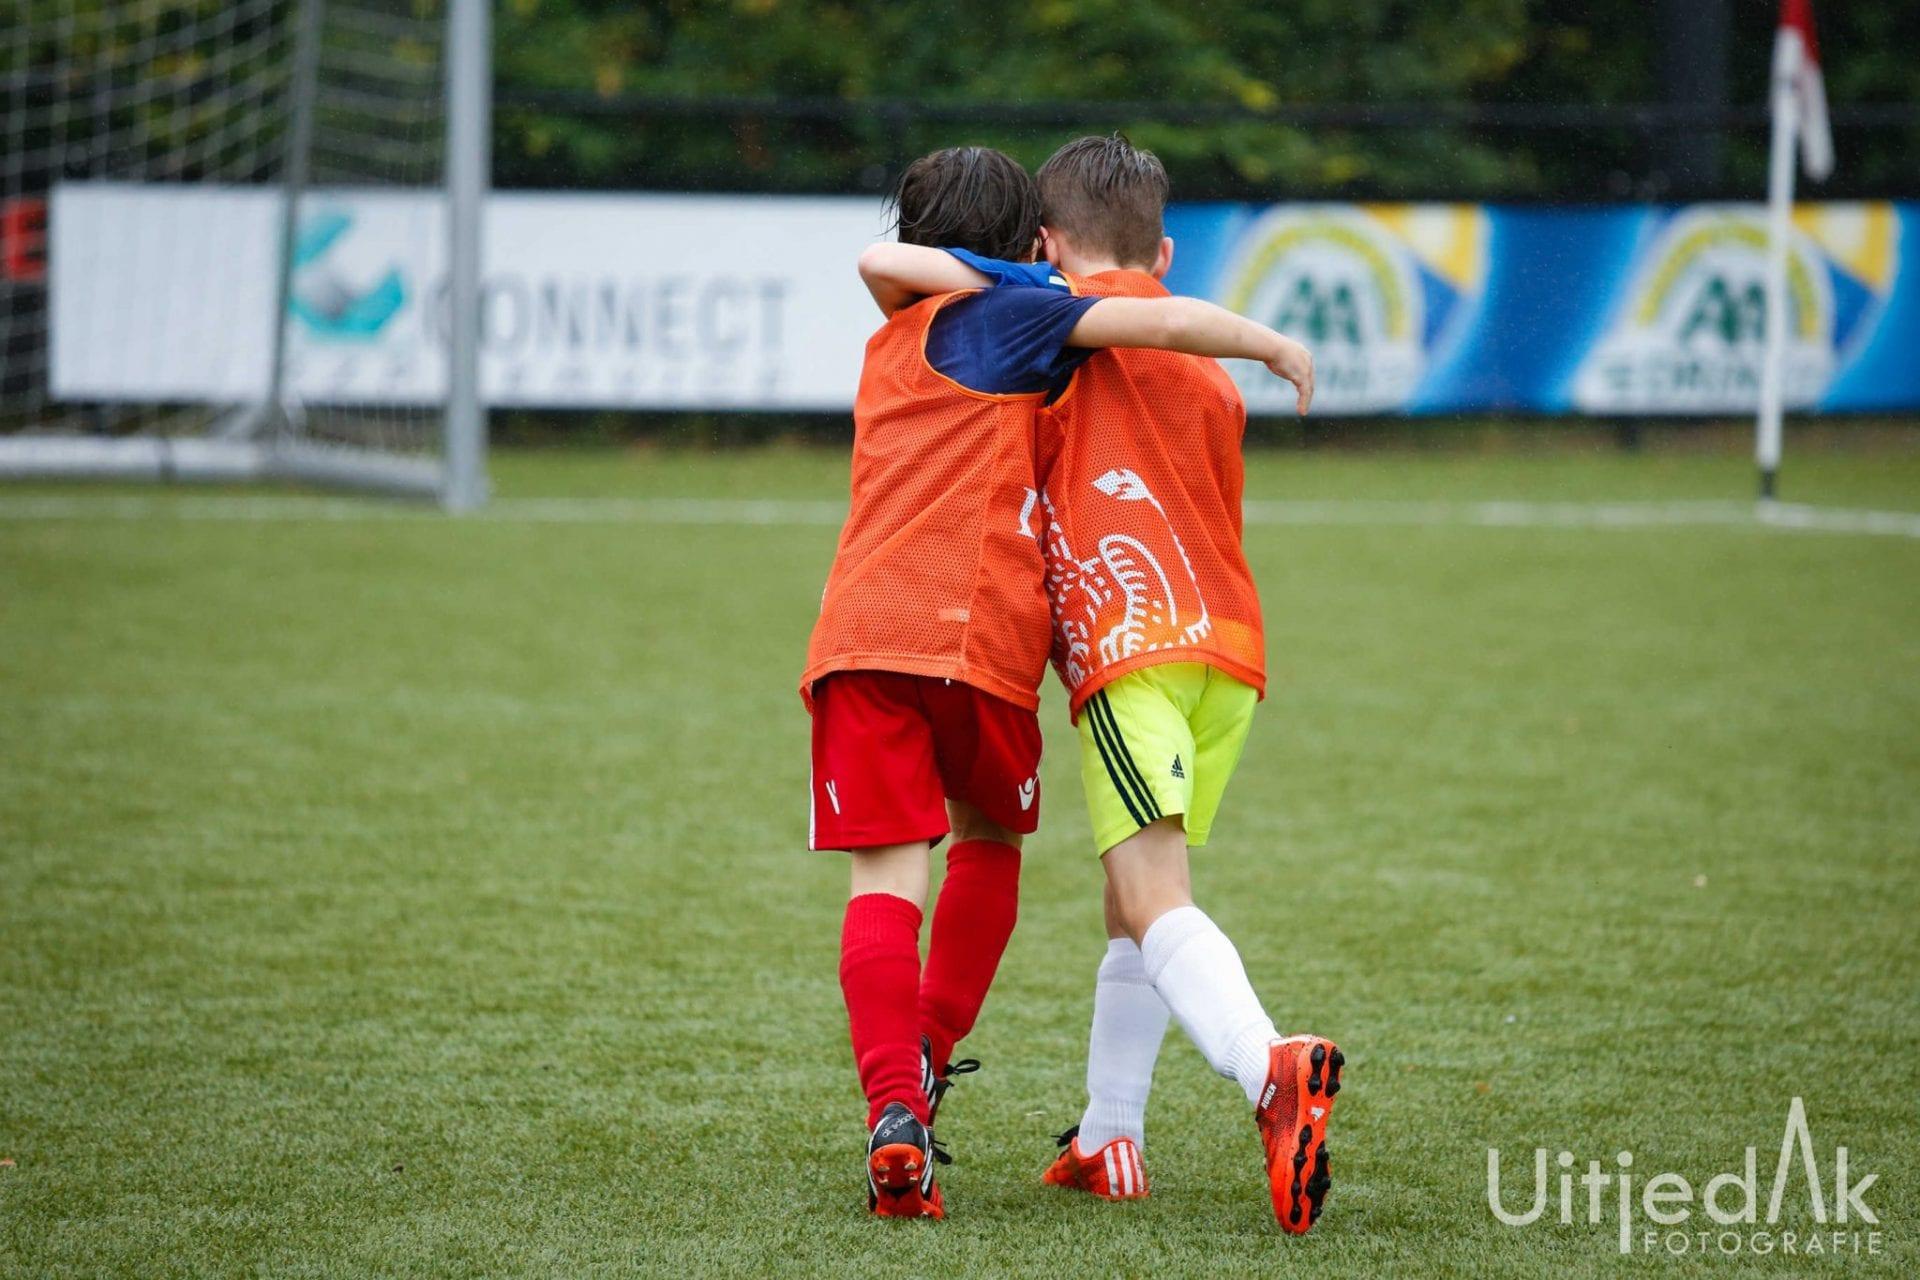 Sportfotografie Voetbal mini WK Nieuwegein